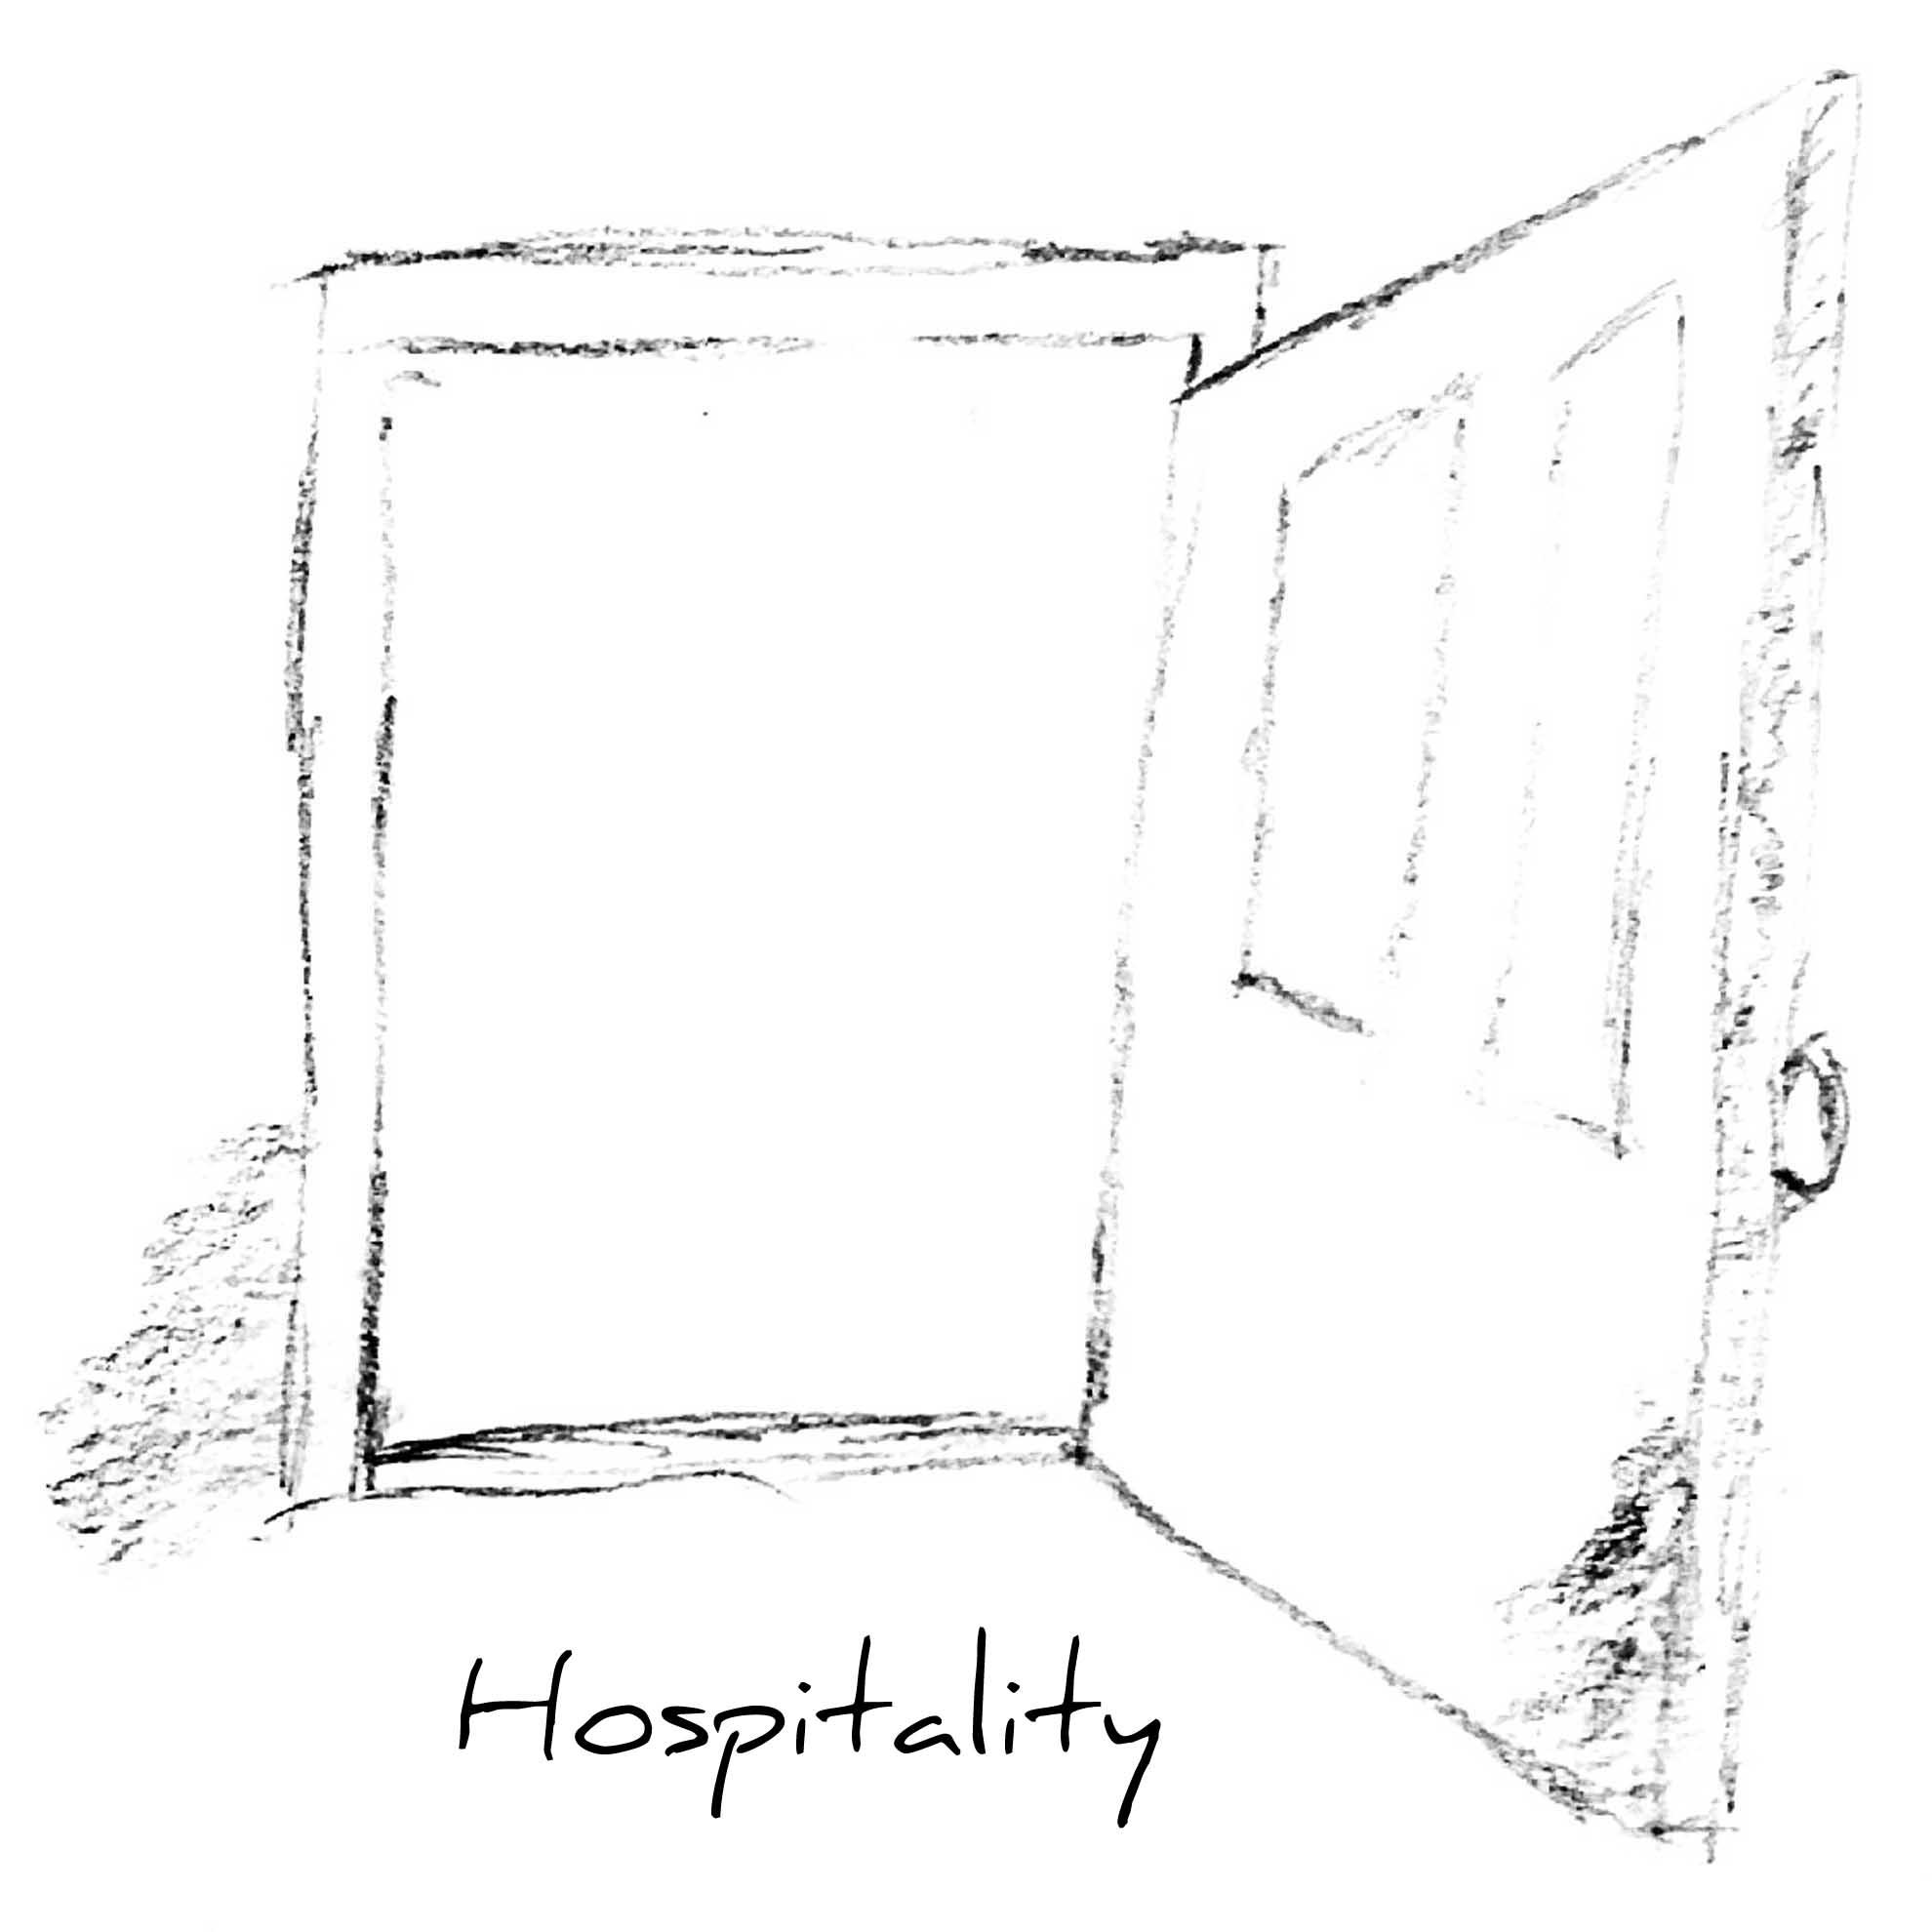 5 hospitality w text.jpg